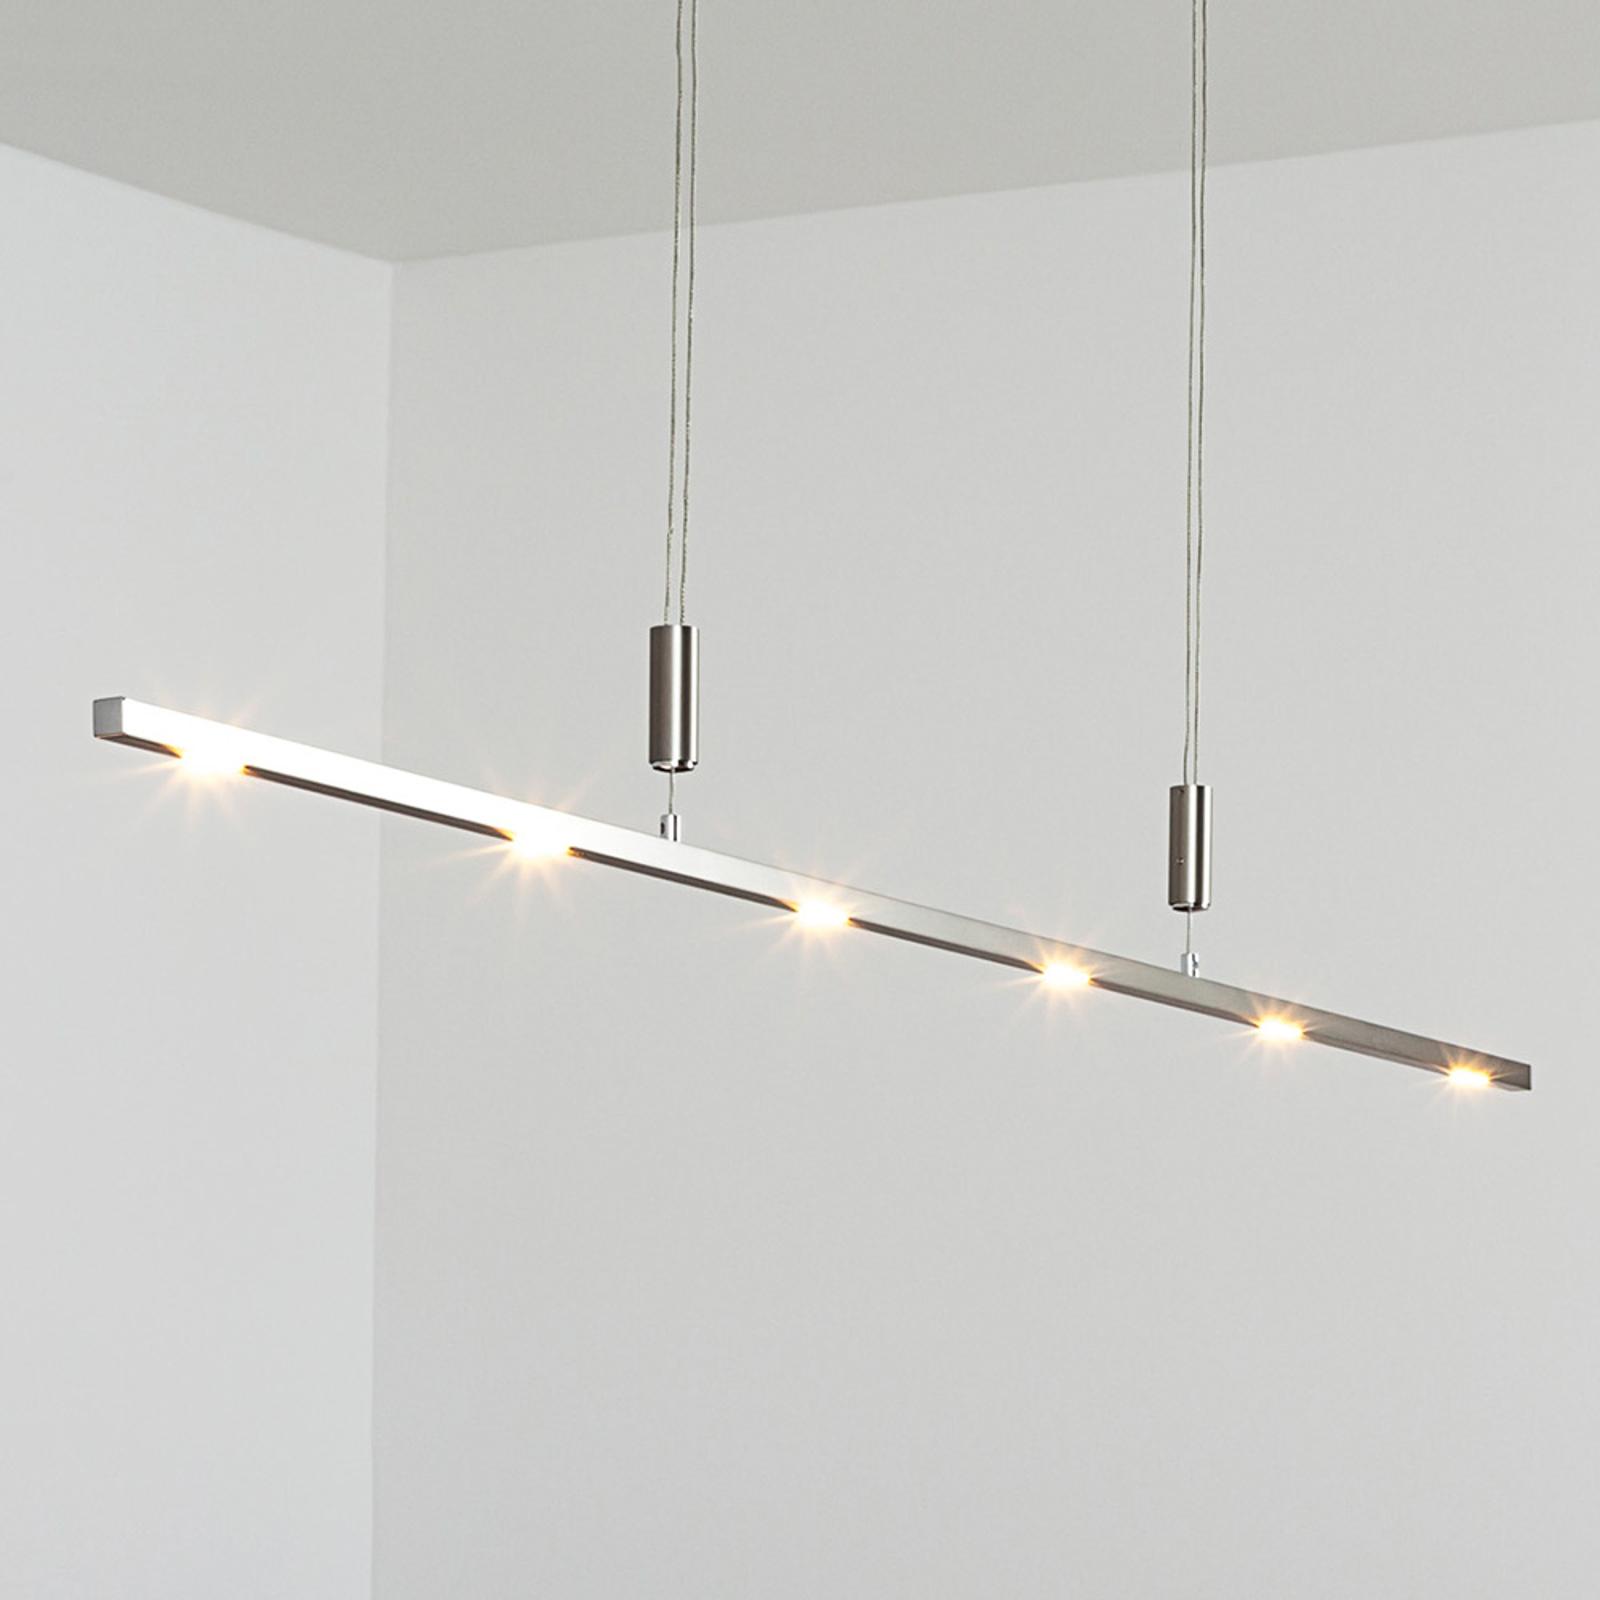 Lampa wisząca LED TOLU z reg. wys., 140 cm